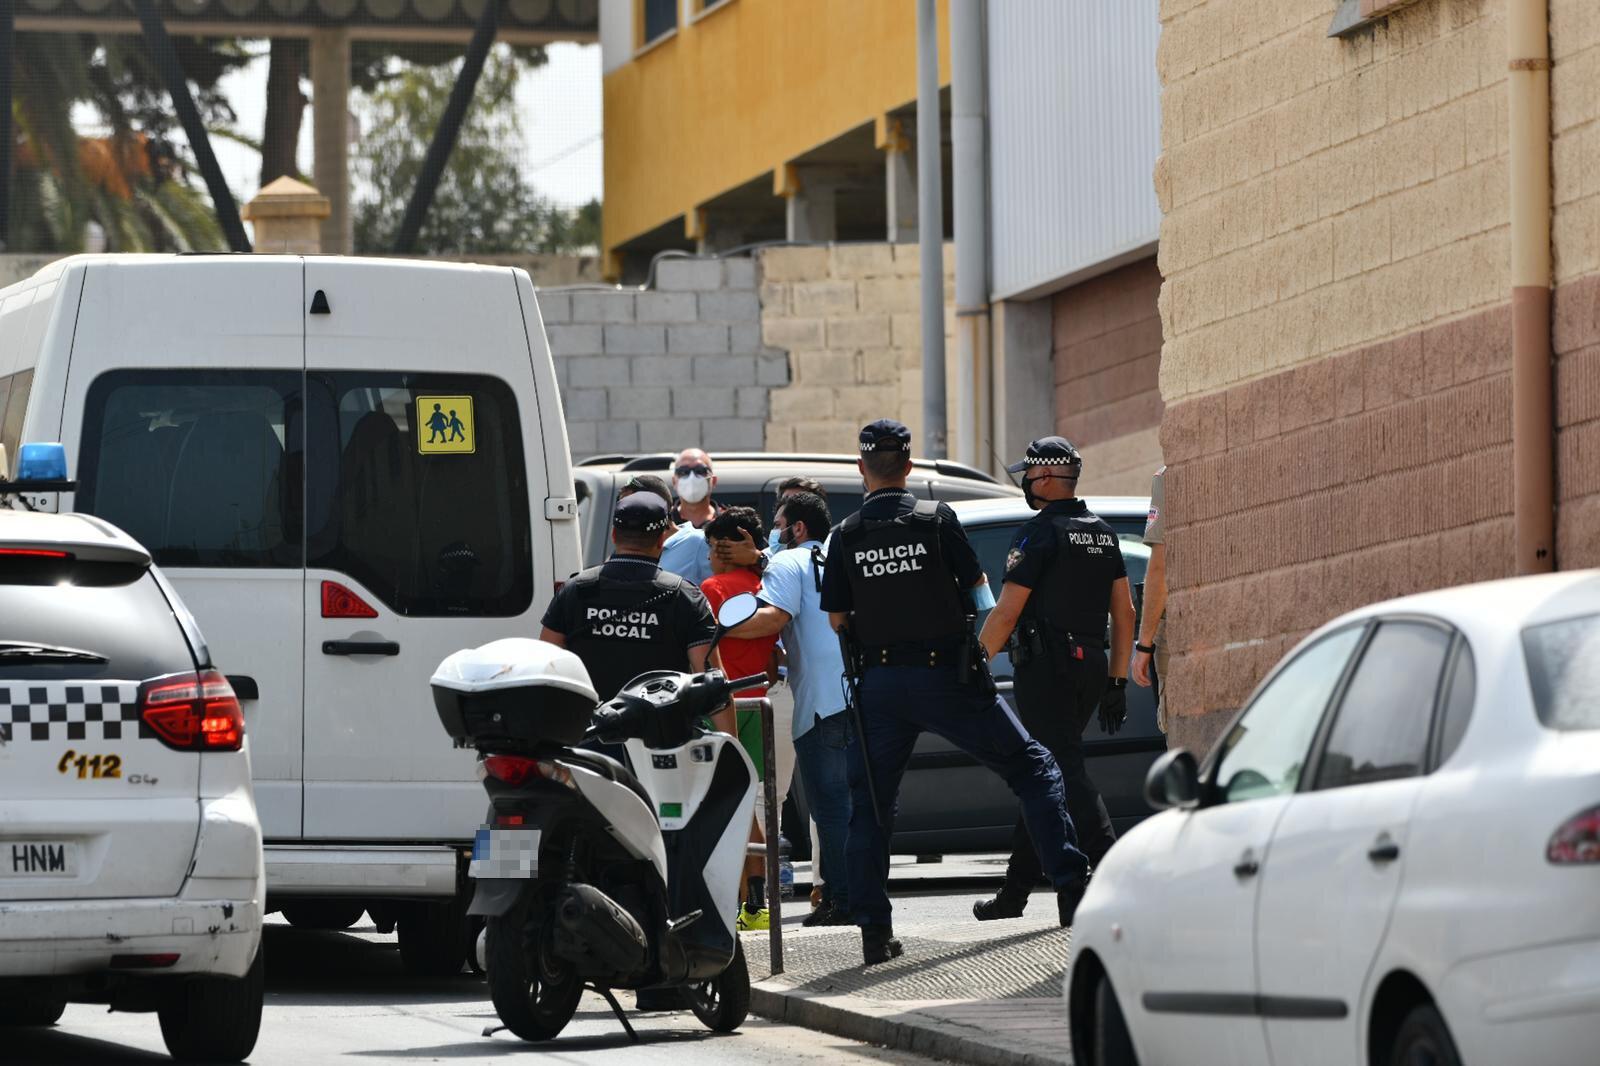 La Policía traslada a un menor marroquí.